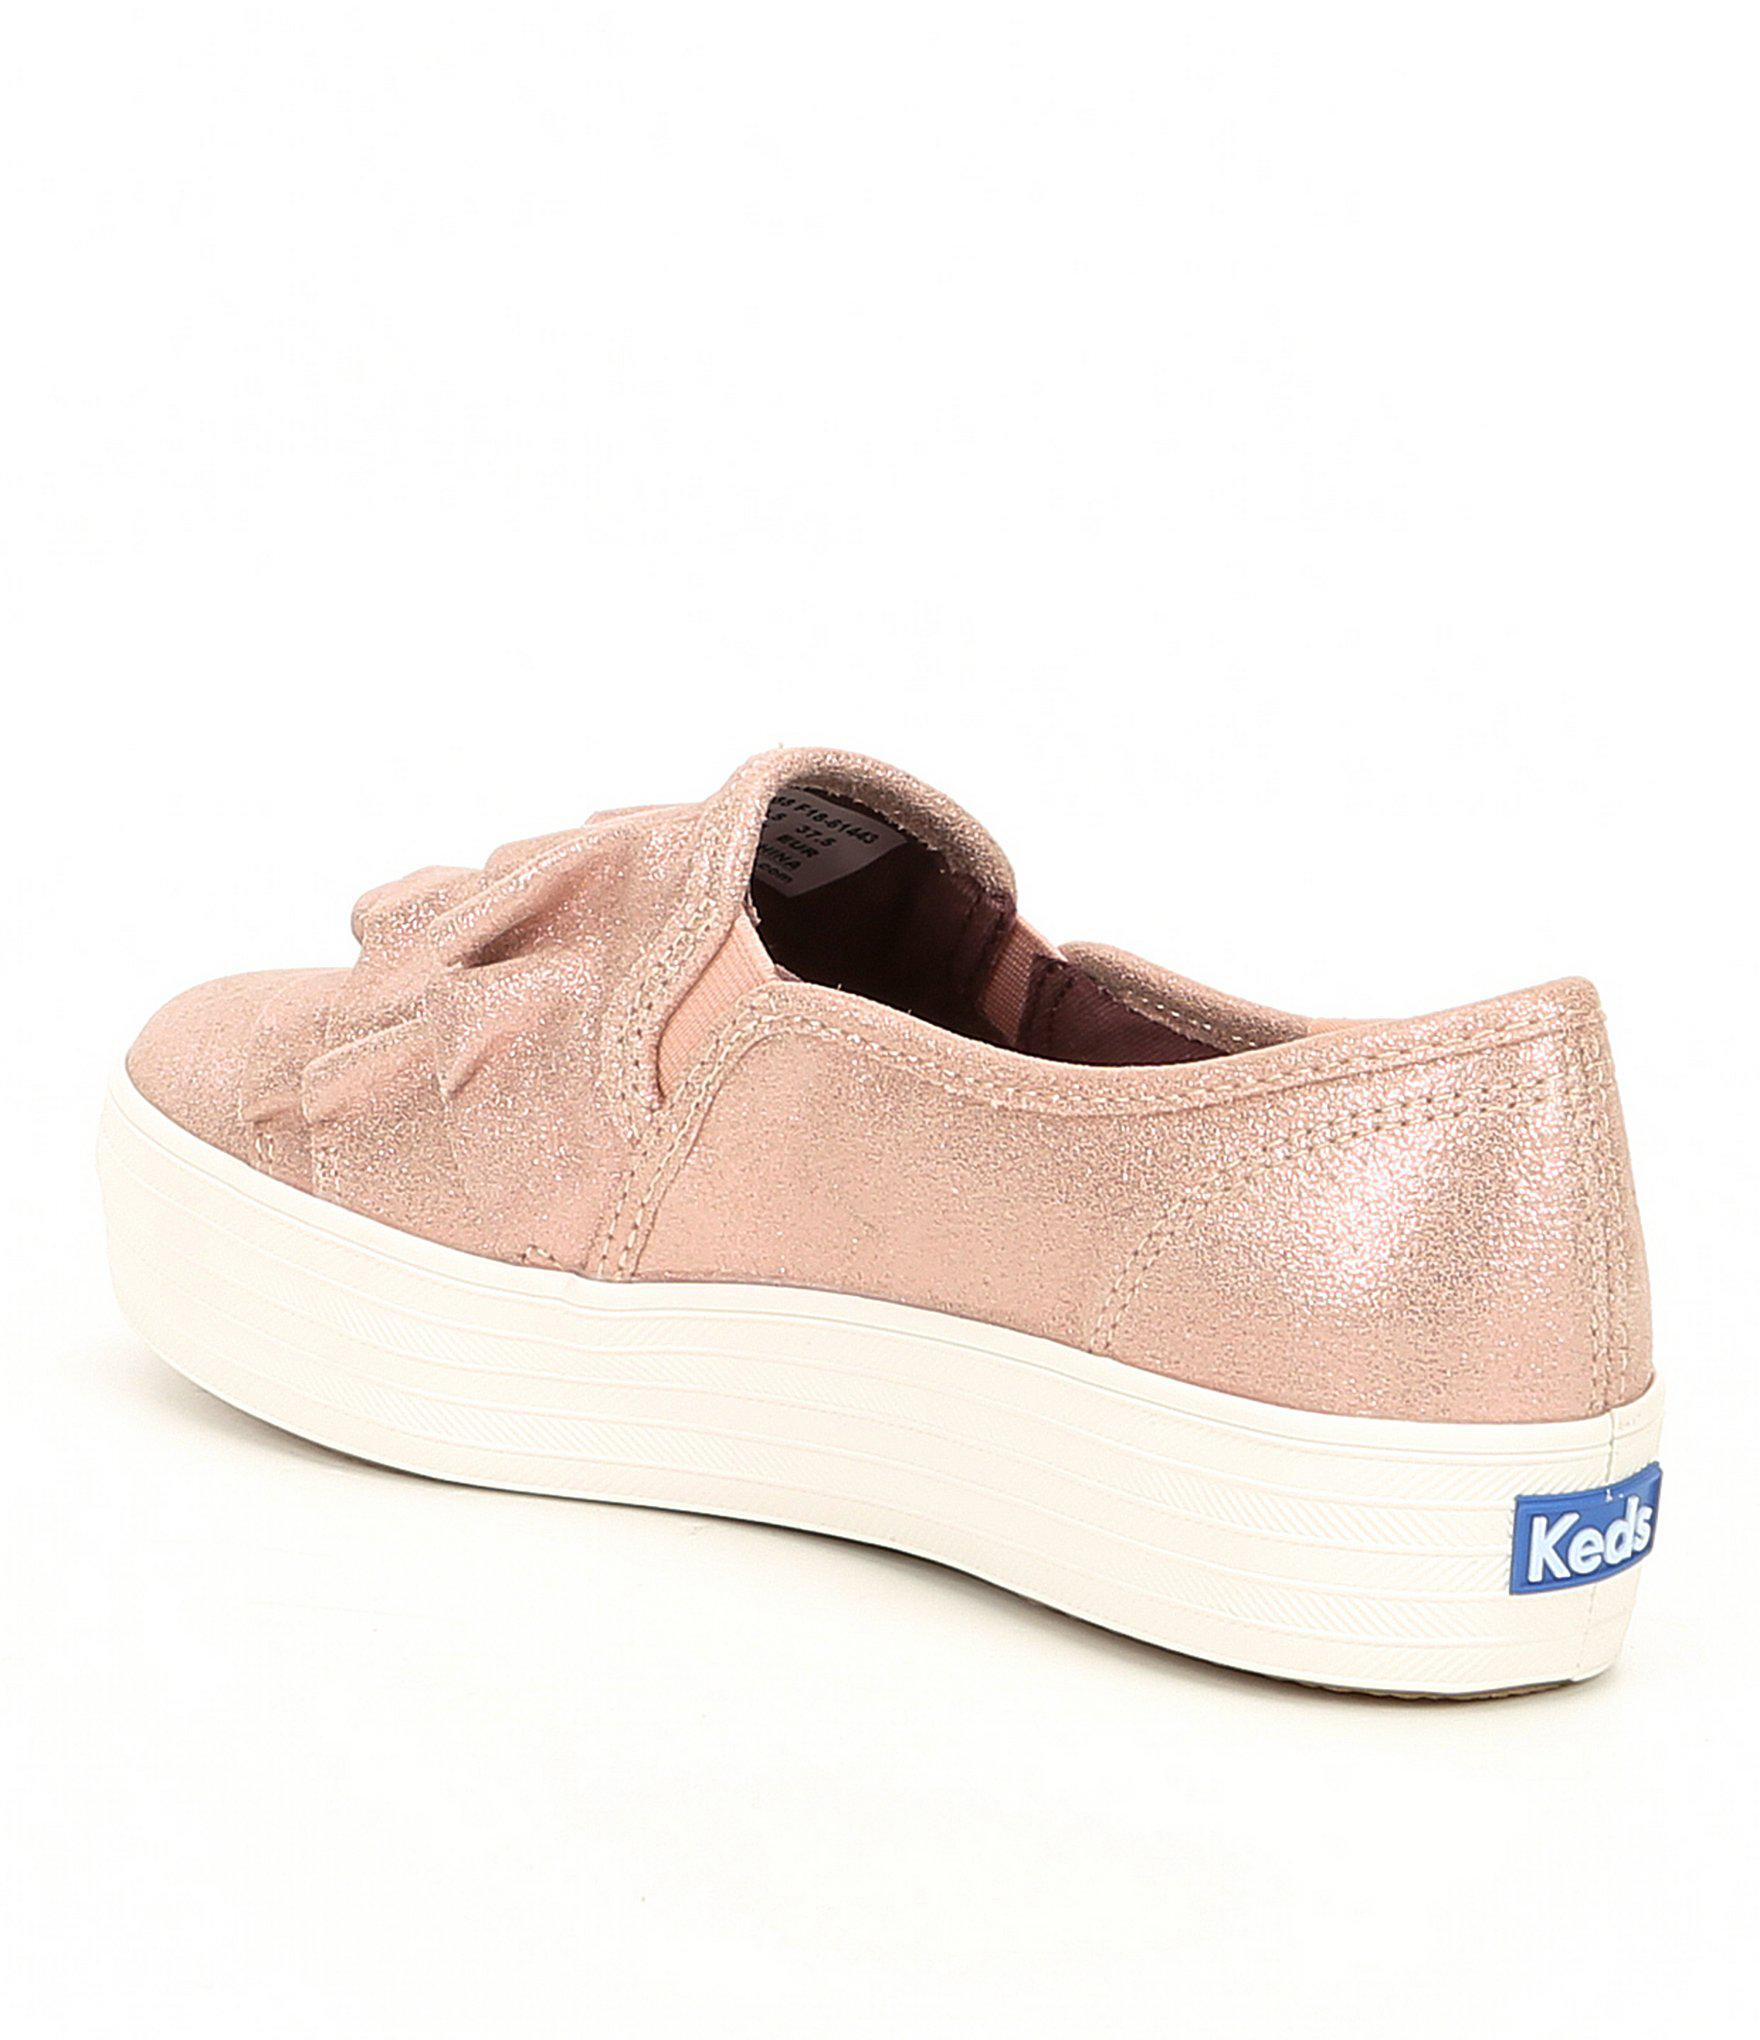 406b6aac1615 Lyst - Keds Triple Ruffle Glitter Suede Slip On Sneakers in Pink